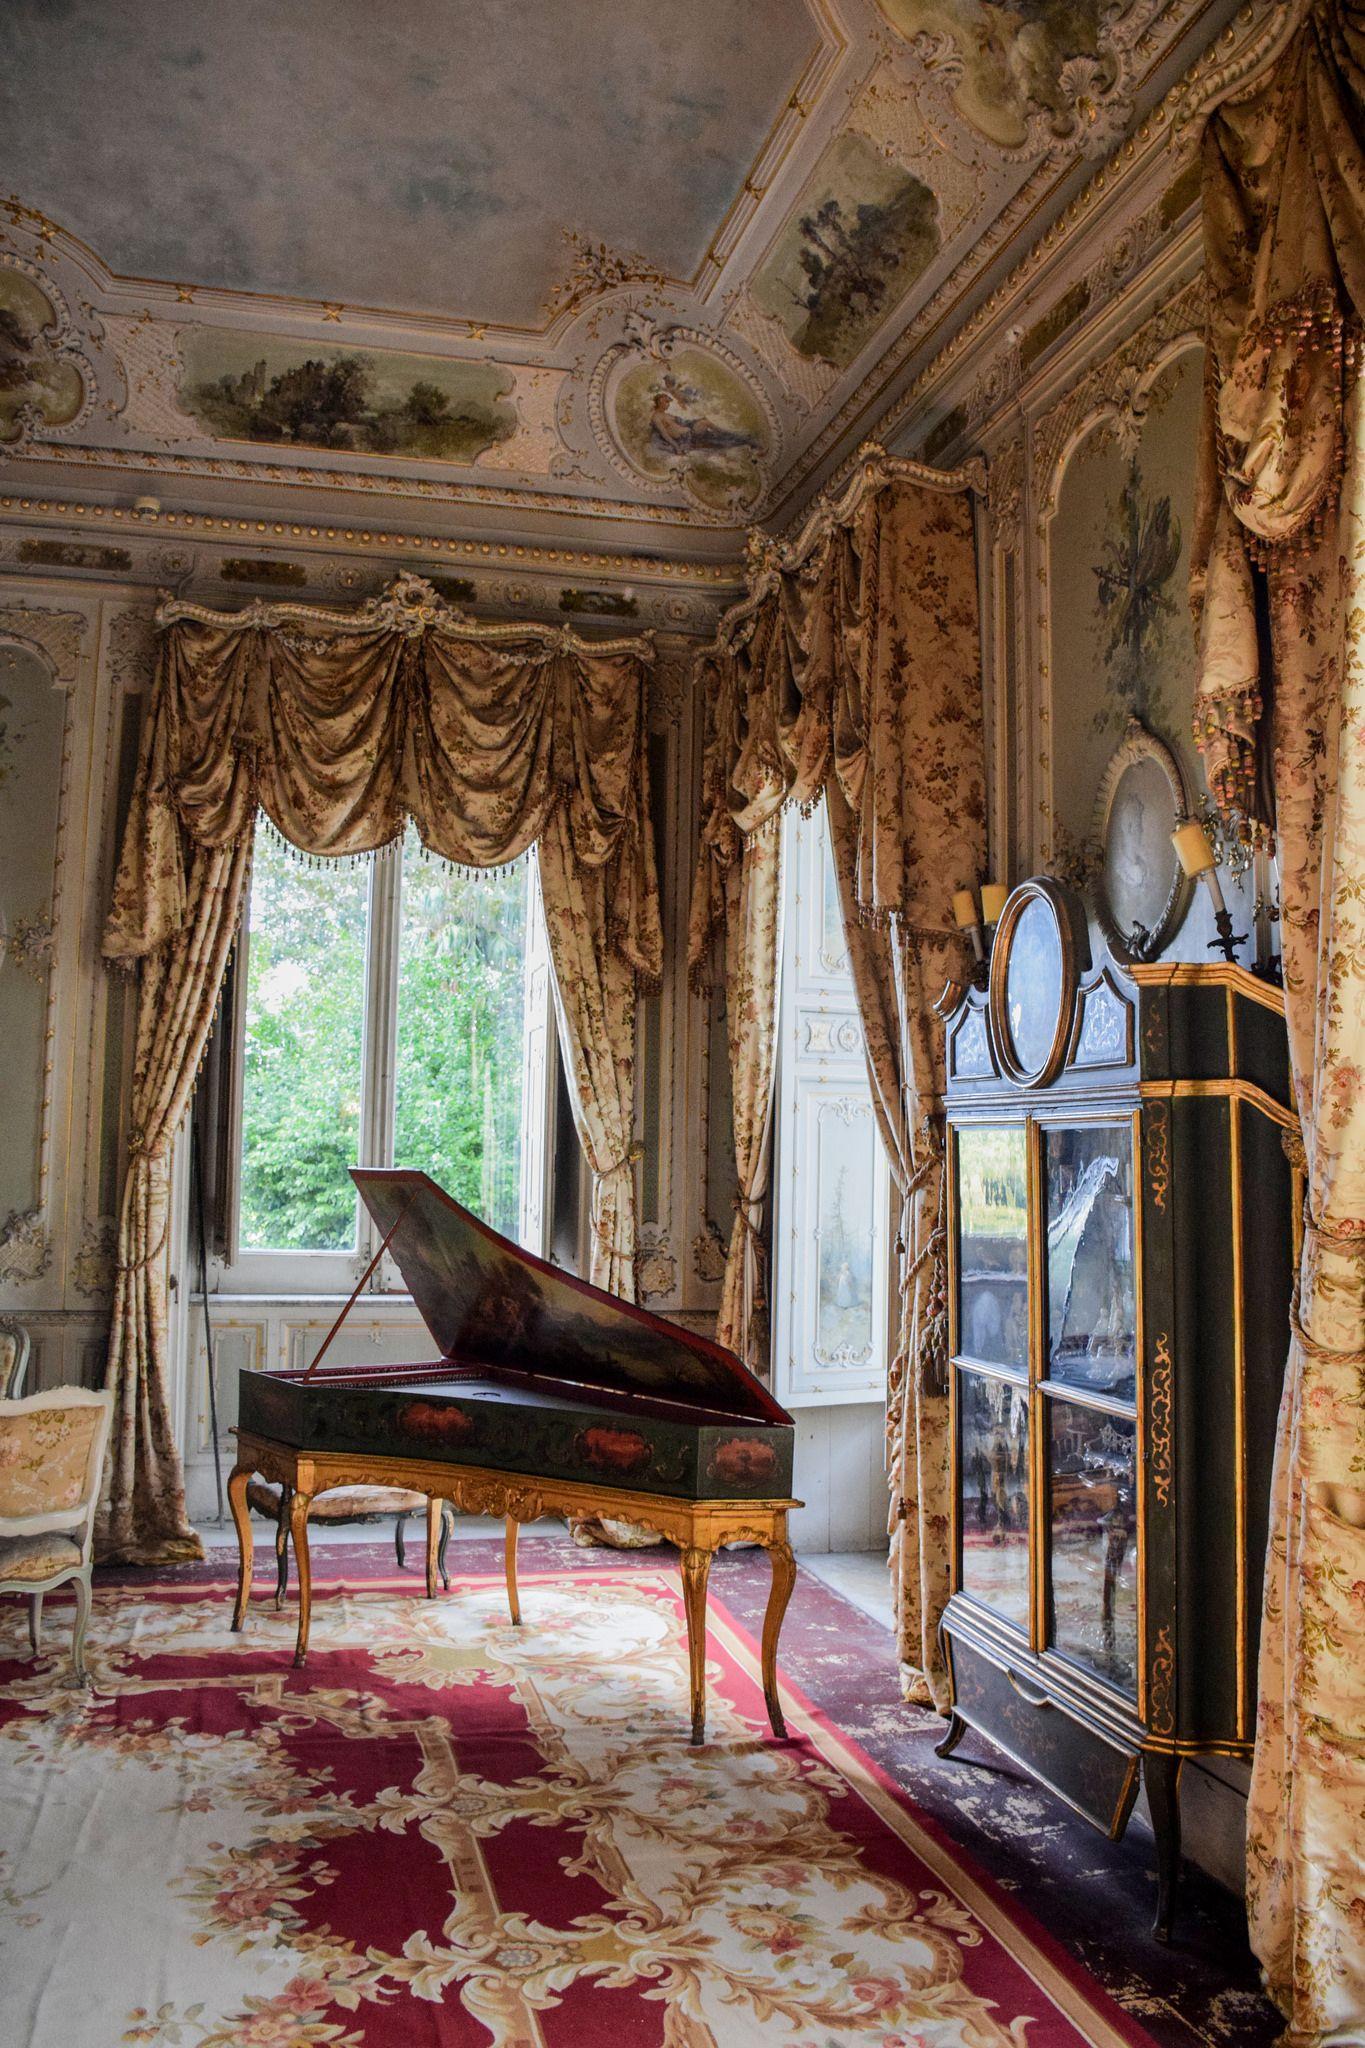 Palermo Villa Malfitano Whitaker Manor Interior Italian Homes Interiors Castles Interior